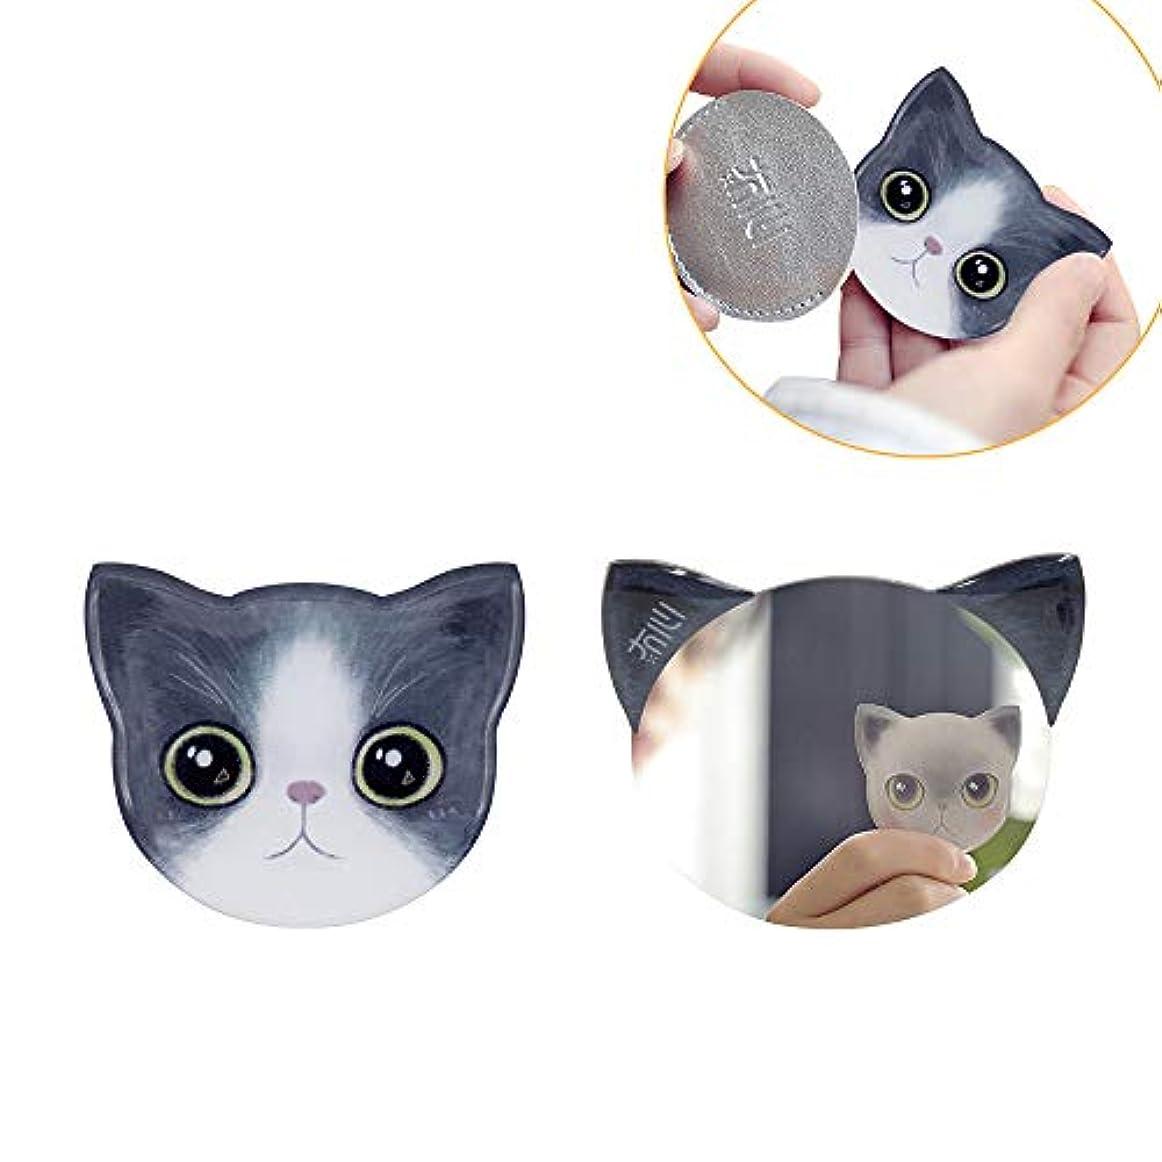 気球拡大するキャプチャー手鏡 コンパクト iitrust 猫柄 8パタン 収納袋付き 割れない 鏡 おしゃれ コンパクトミラー ハンドミラー かわいい 手鏡 猫 手鏡 かわいい iitrust 並行輸入品